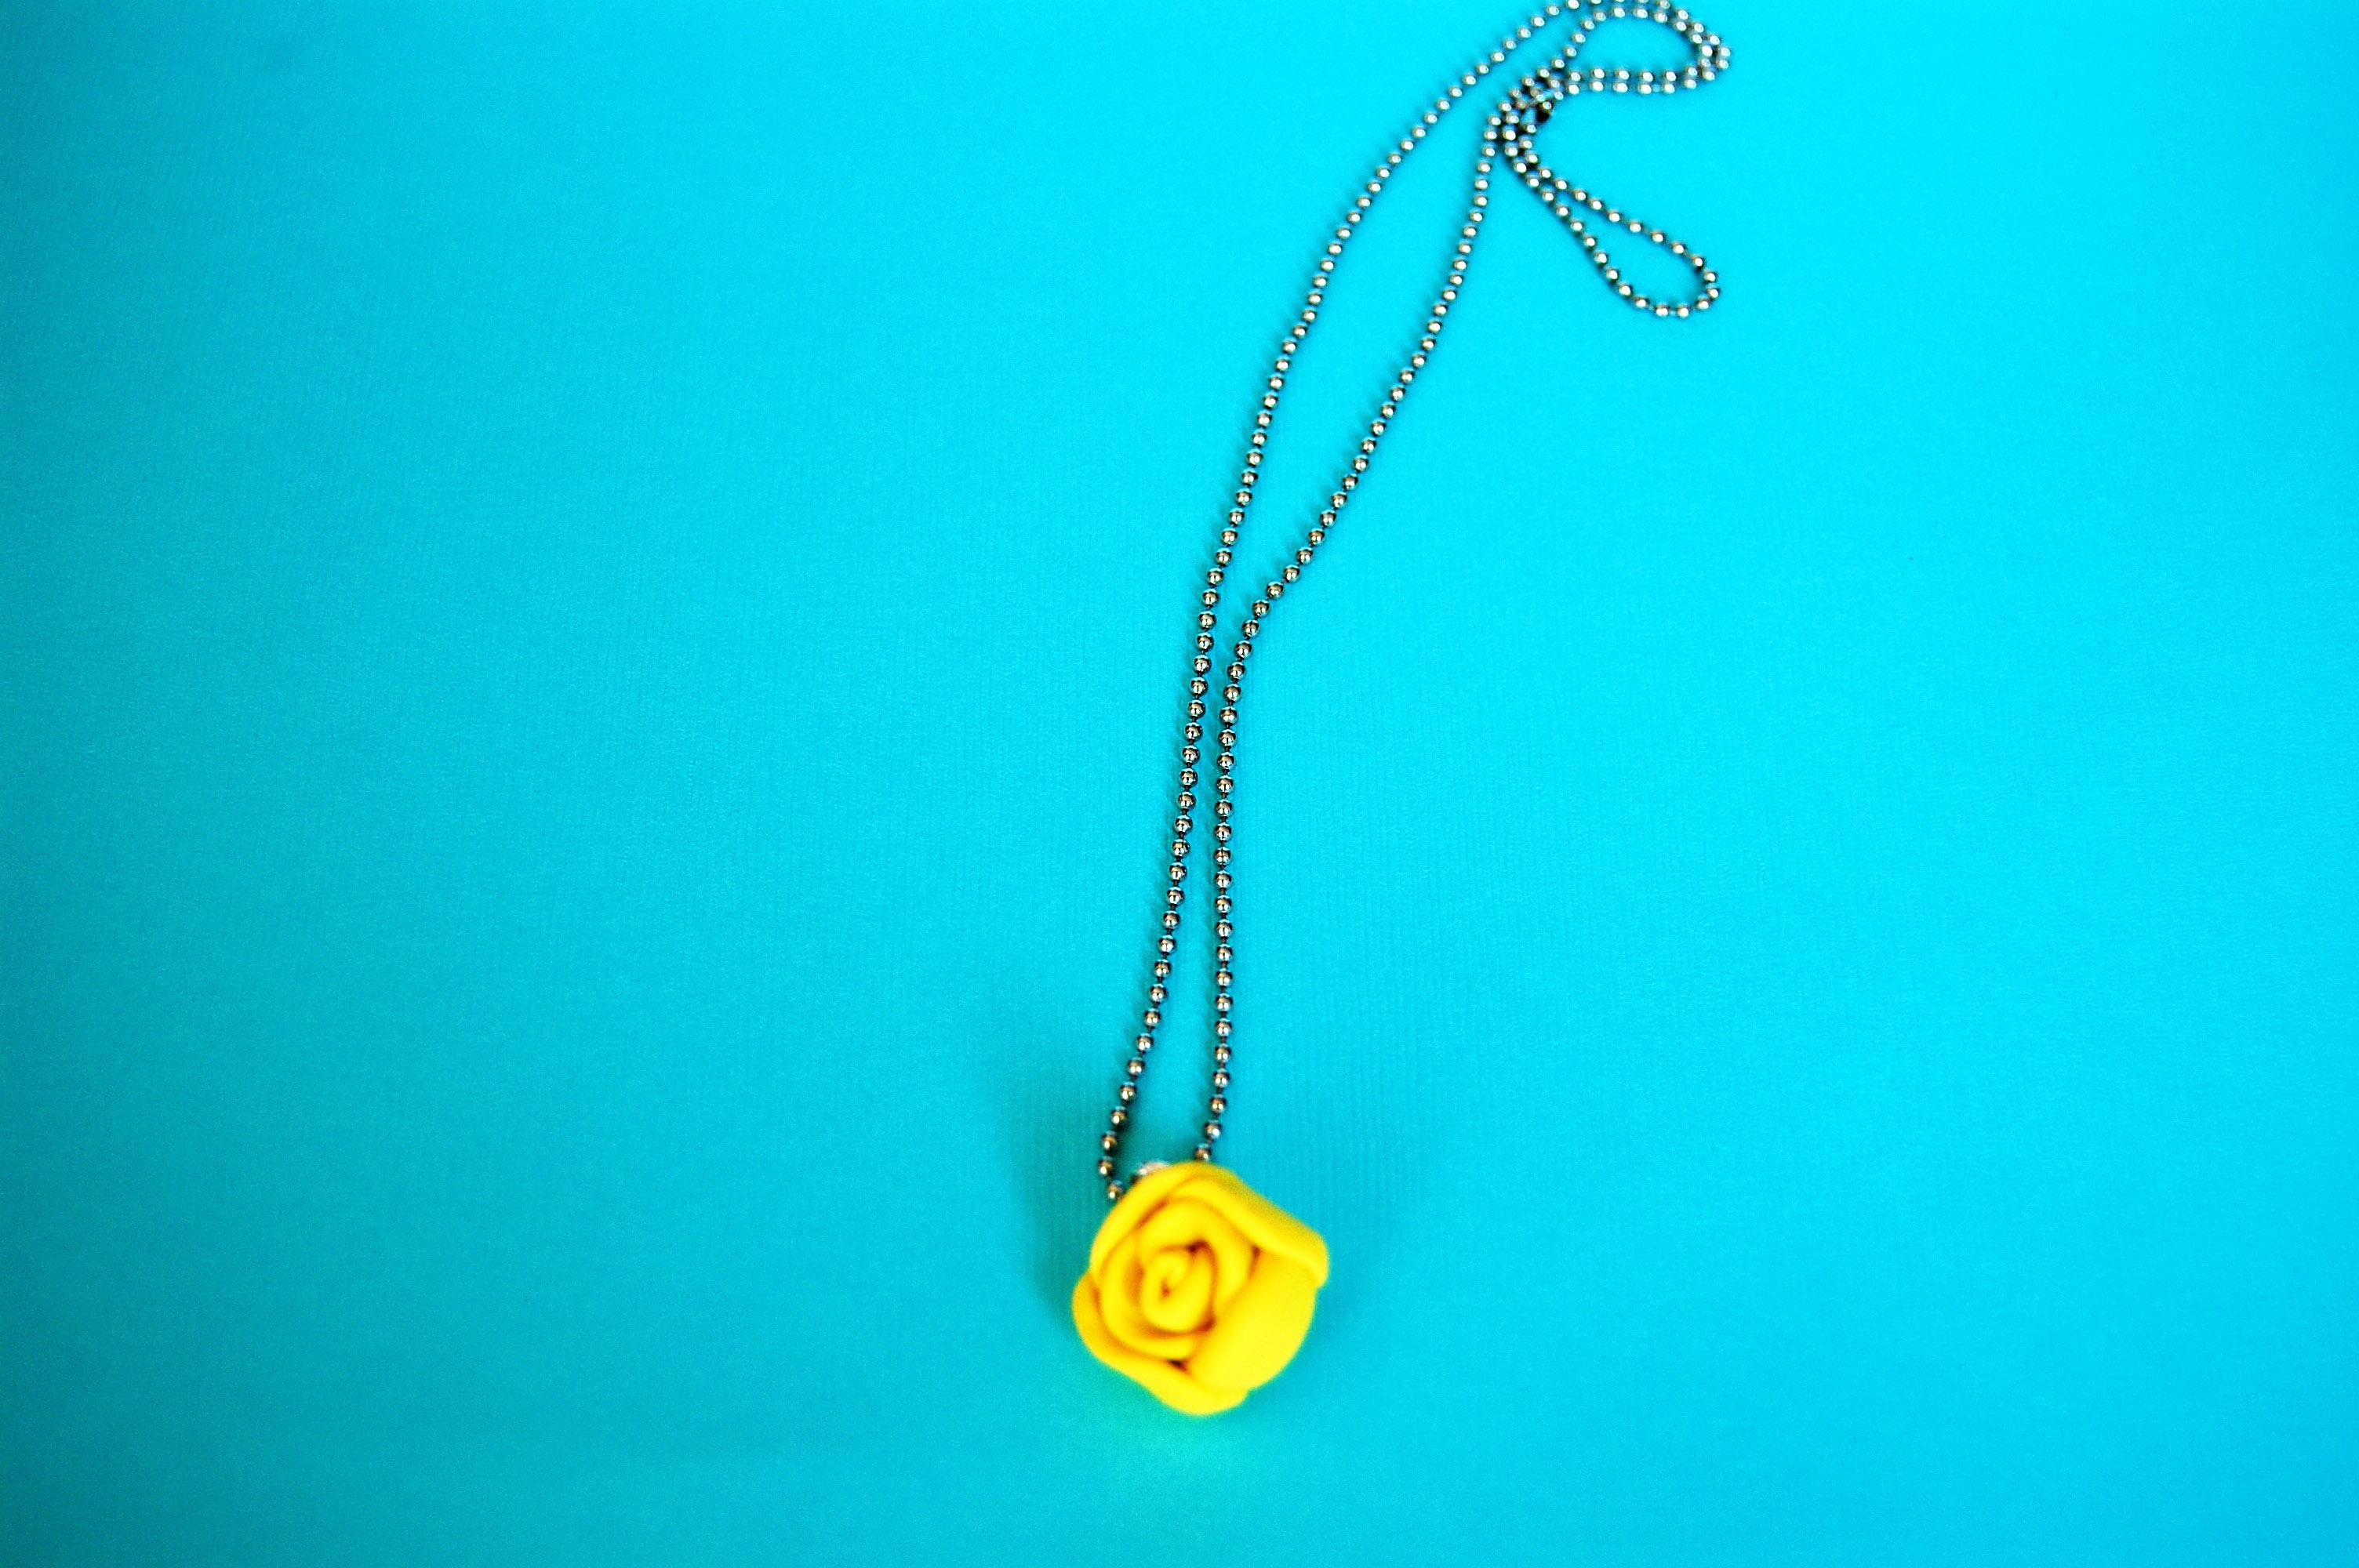 DIY Polymer Clay Necklace